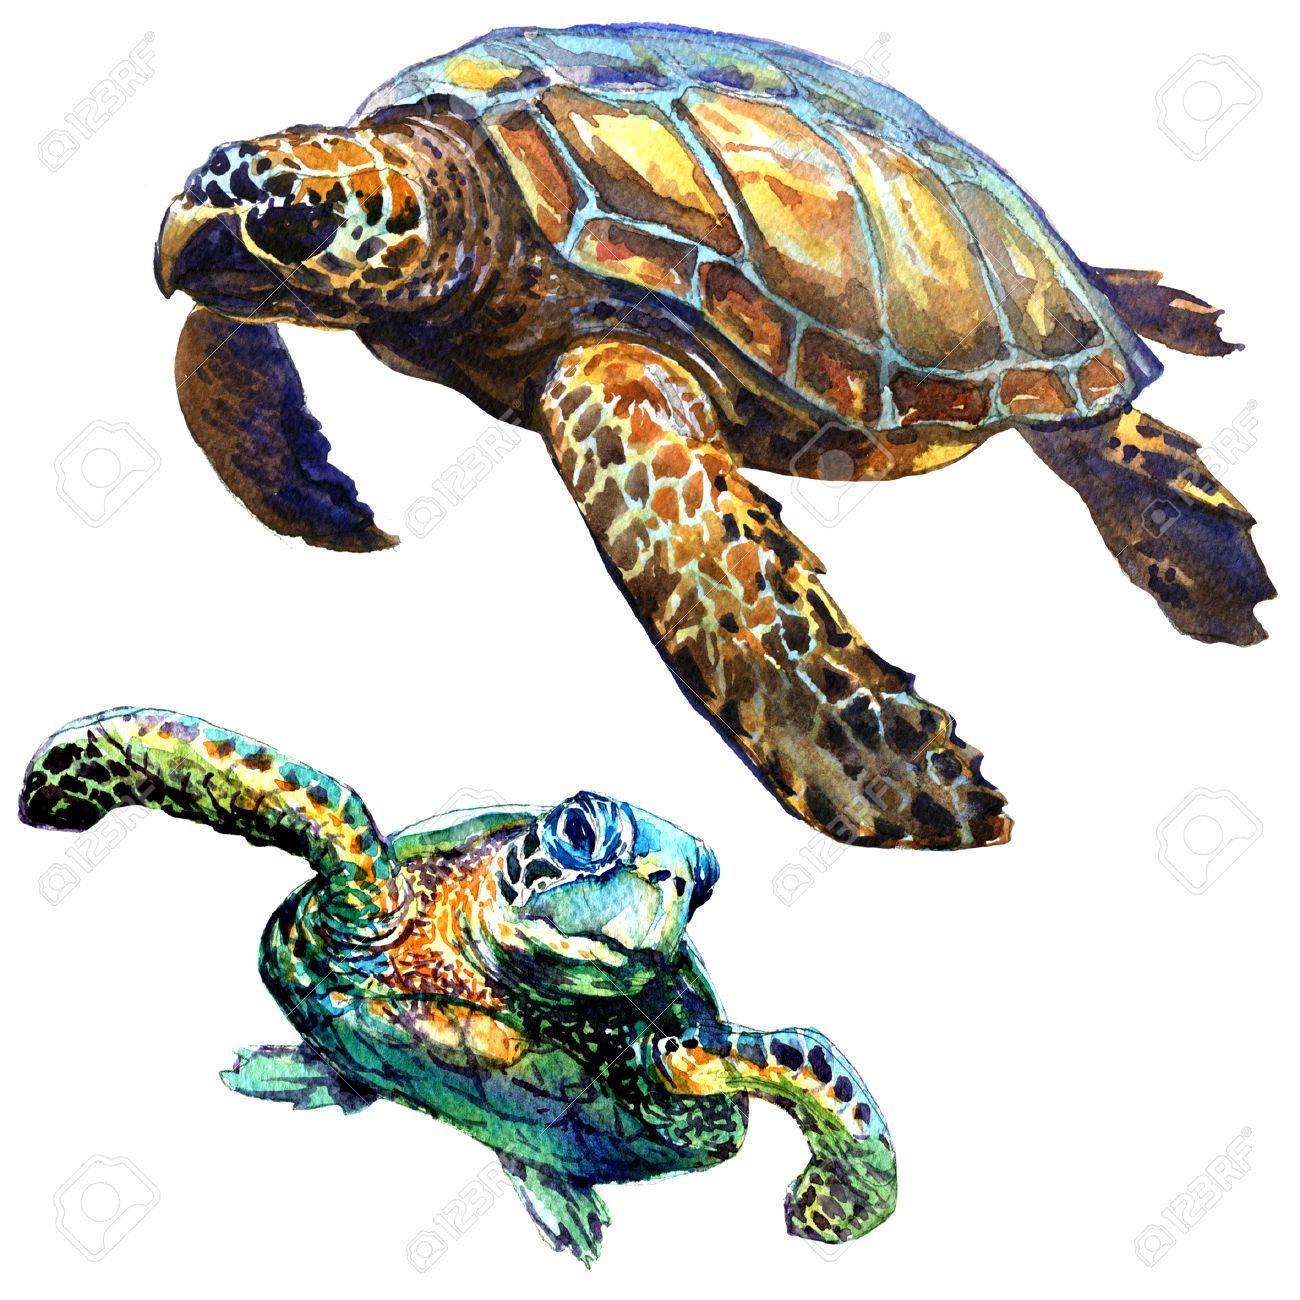 Tolle Malvorlagen Von Meeresschildkröten Bilder - Entry Level Resume ...